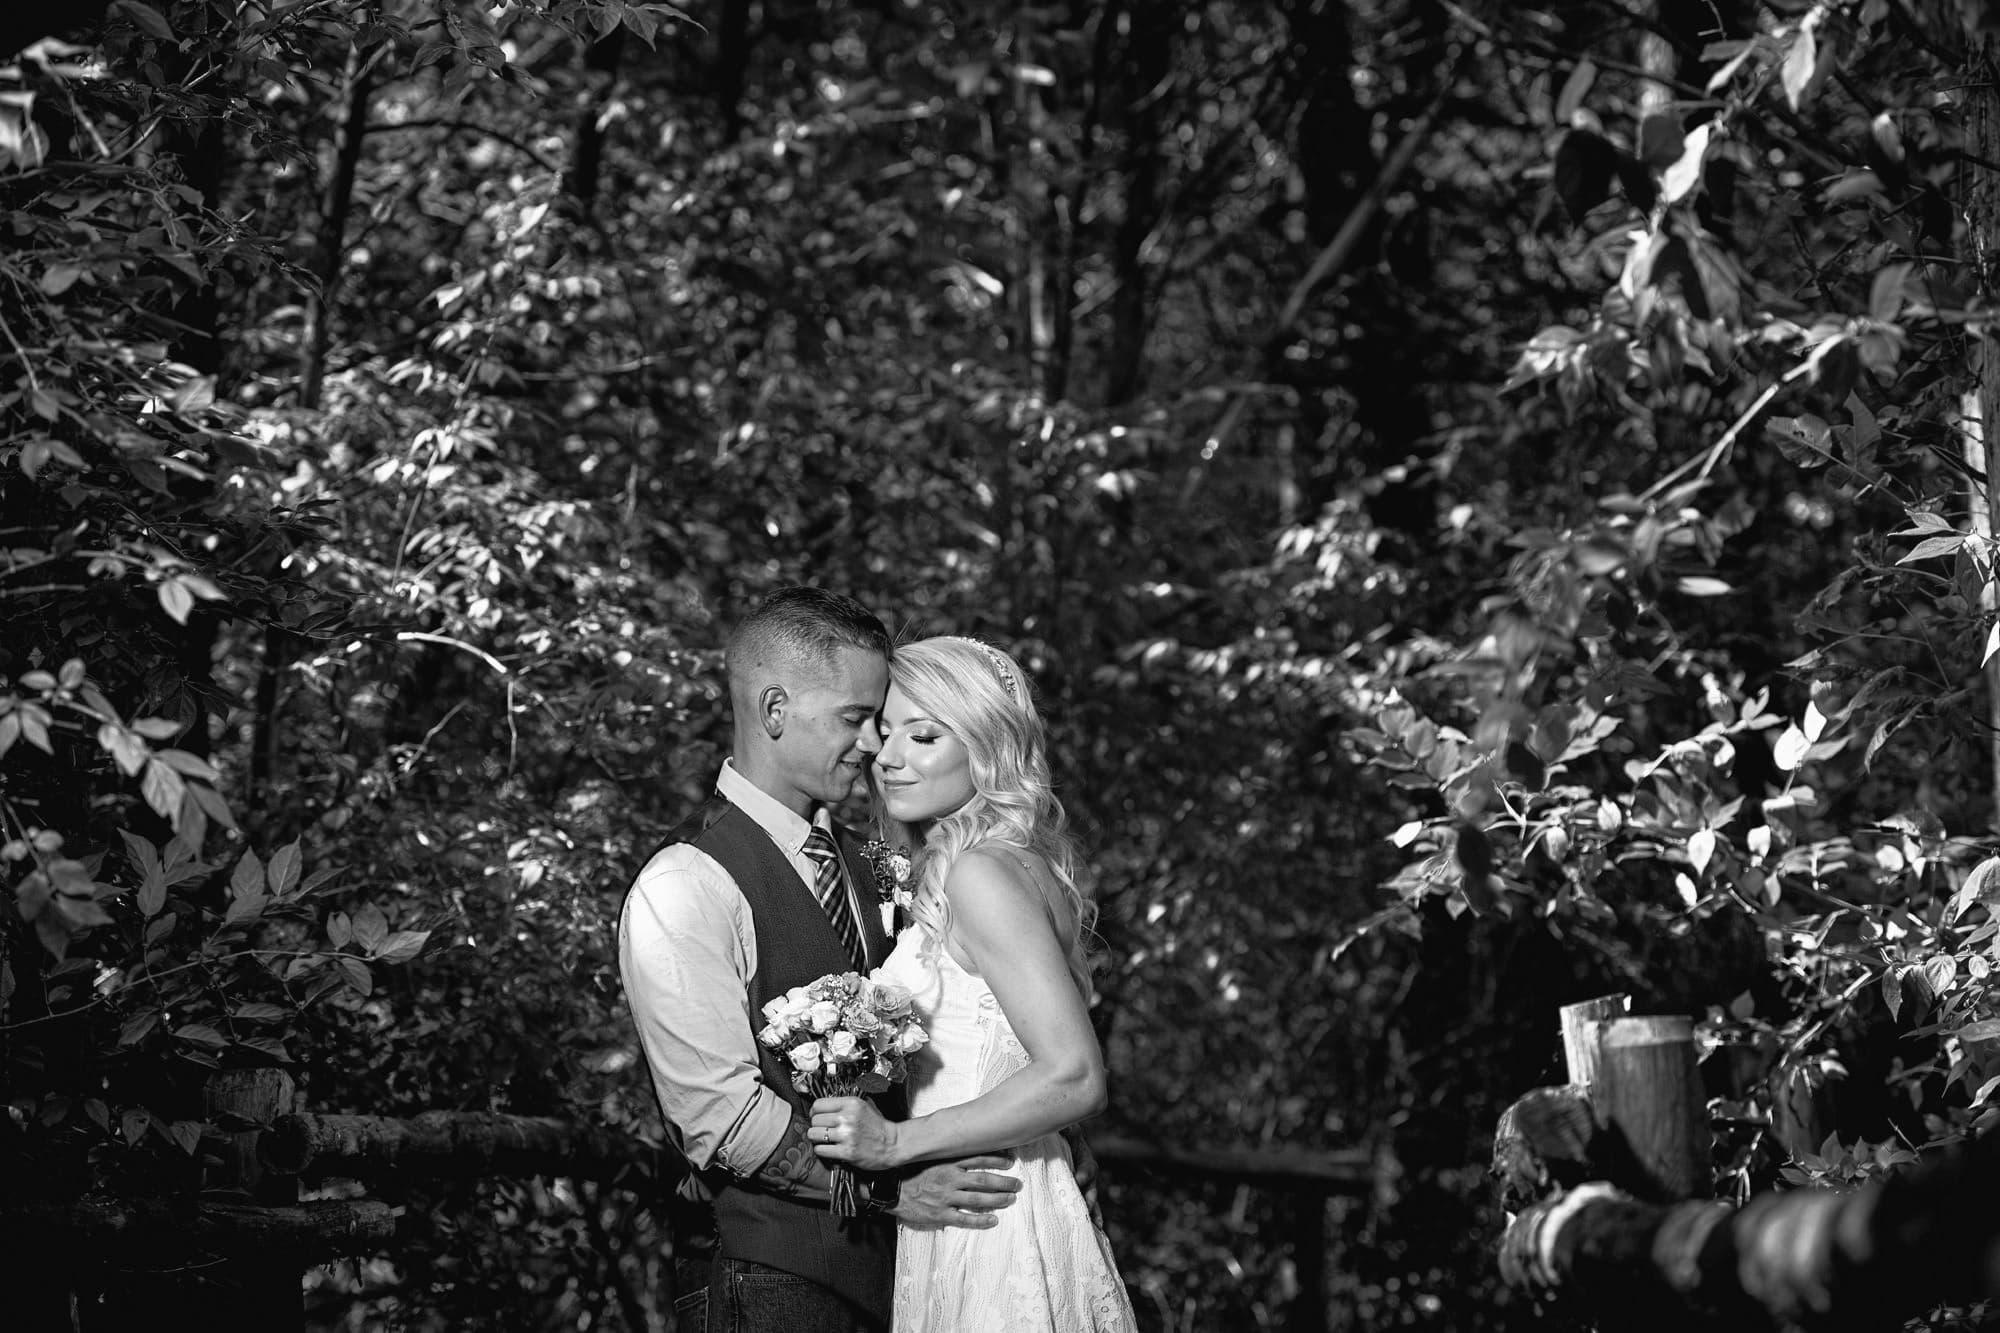 flemington elopement photo